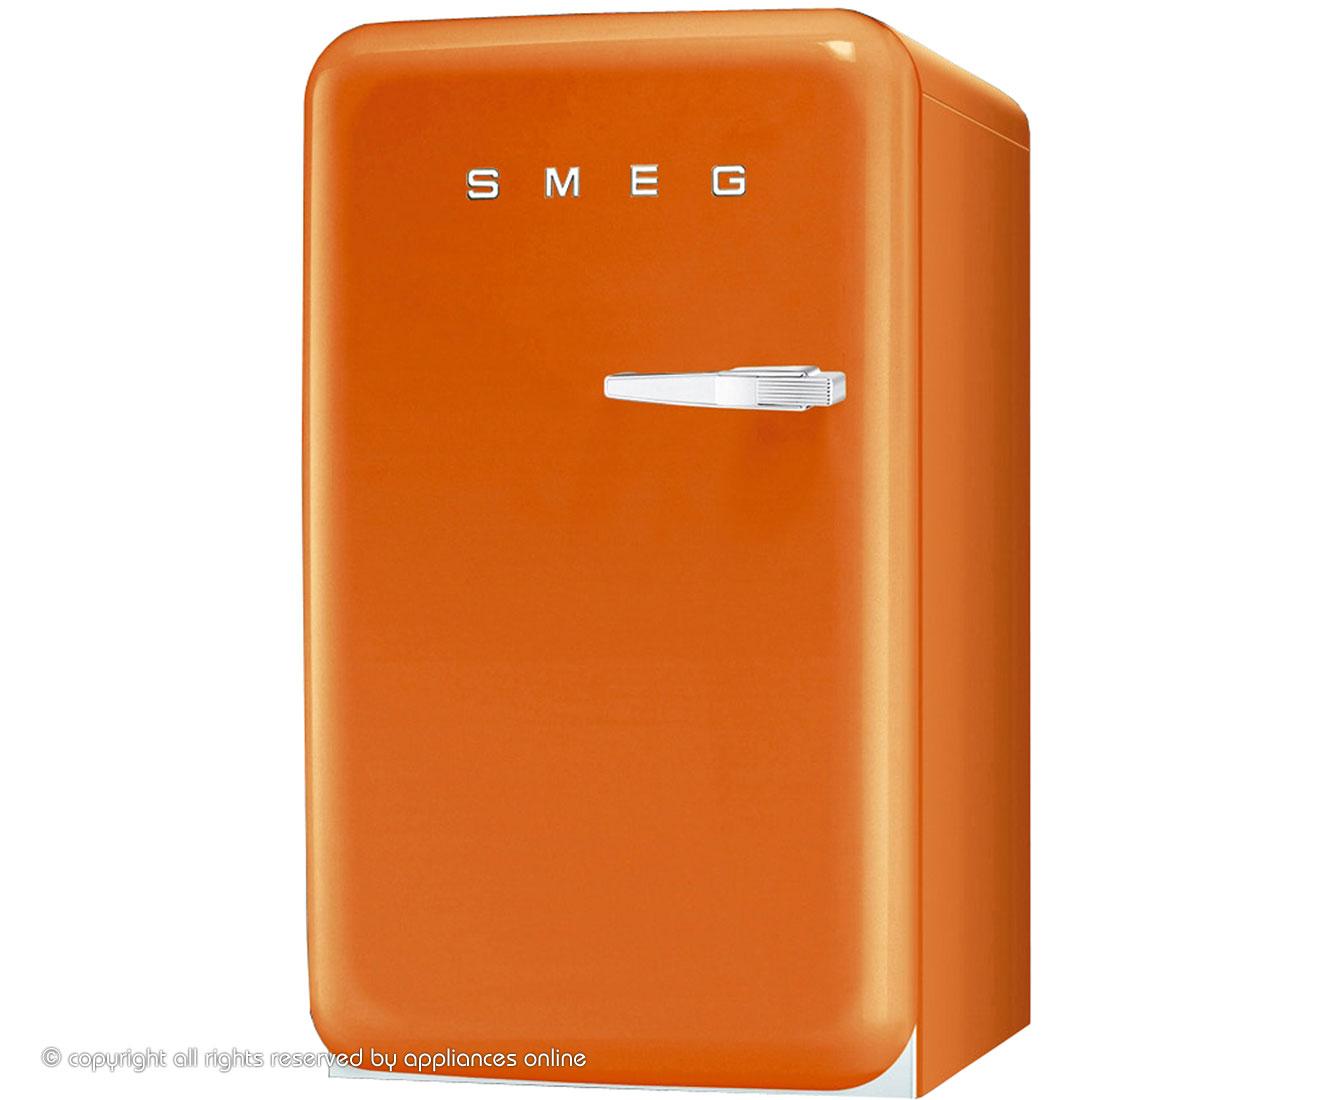 Smeg fab10lo fridge with ice box orange a rated for Smeg fridge